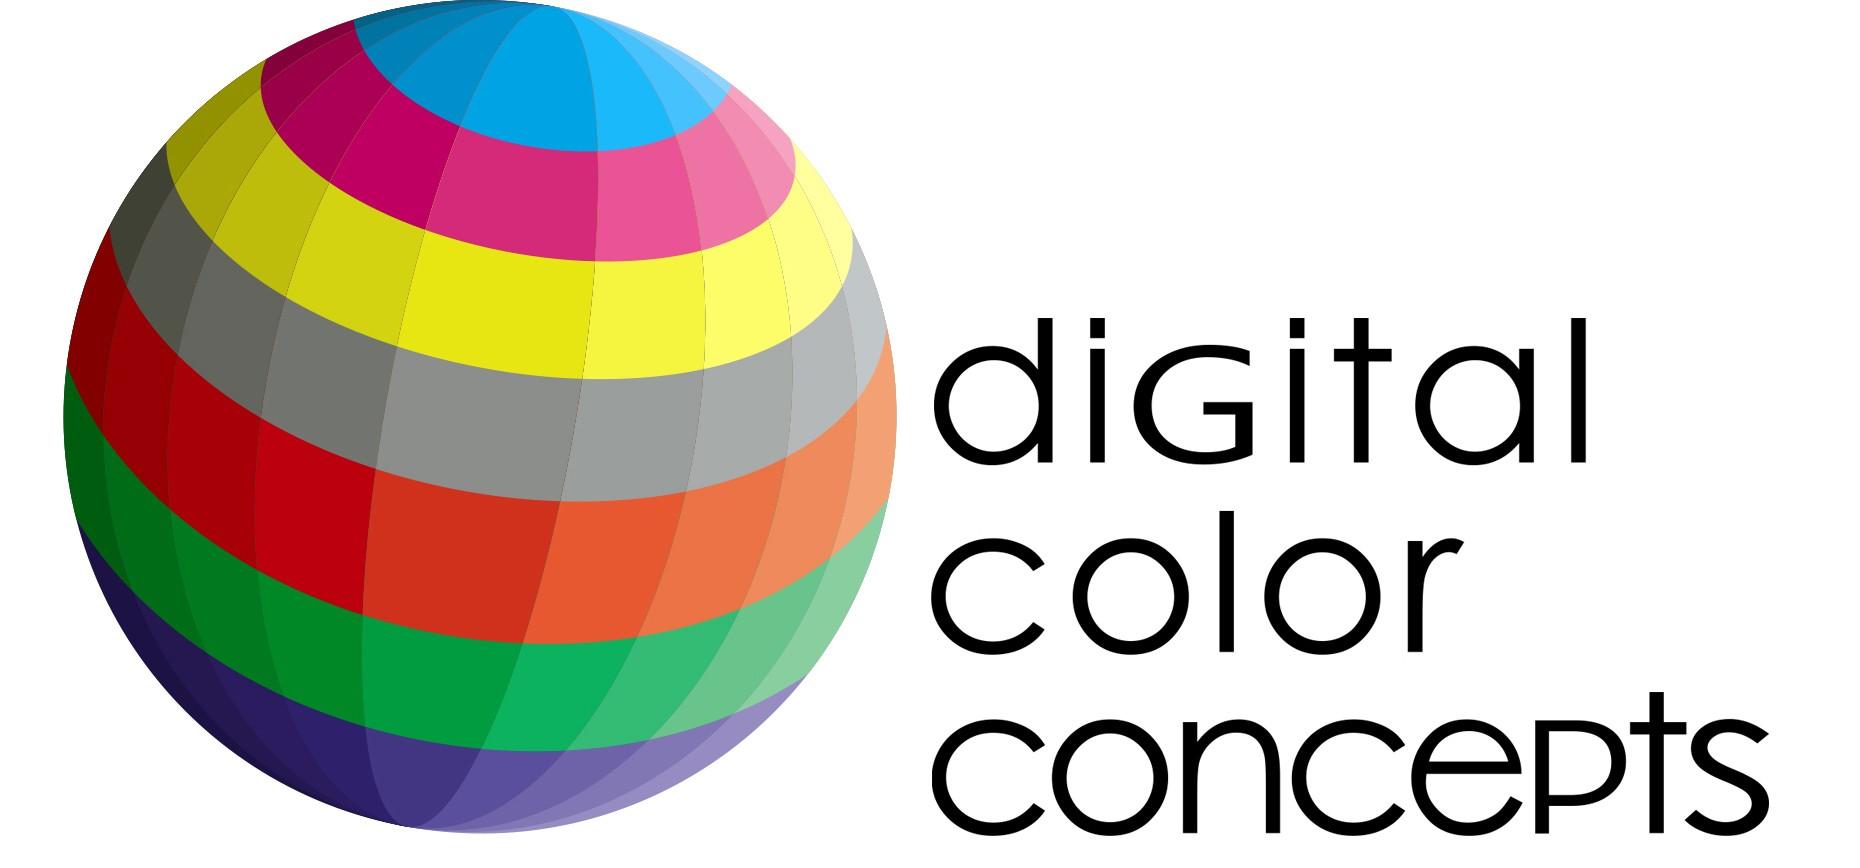 Digital Color Concepts/DCC | LinkedIn